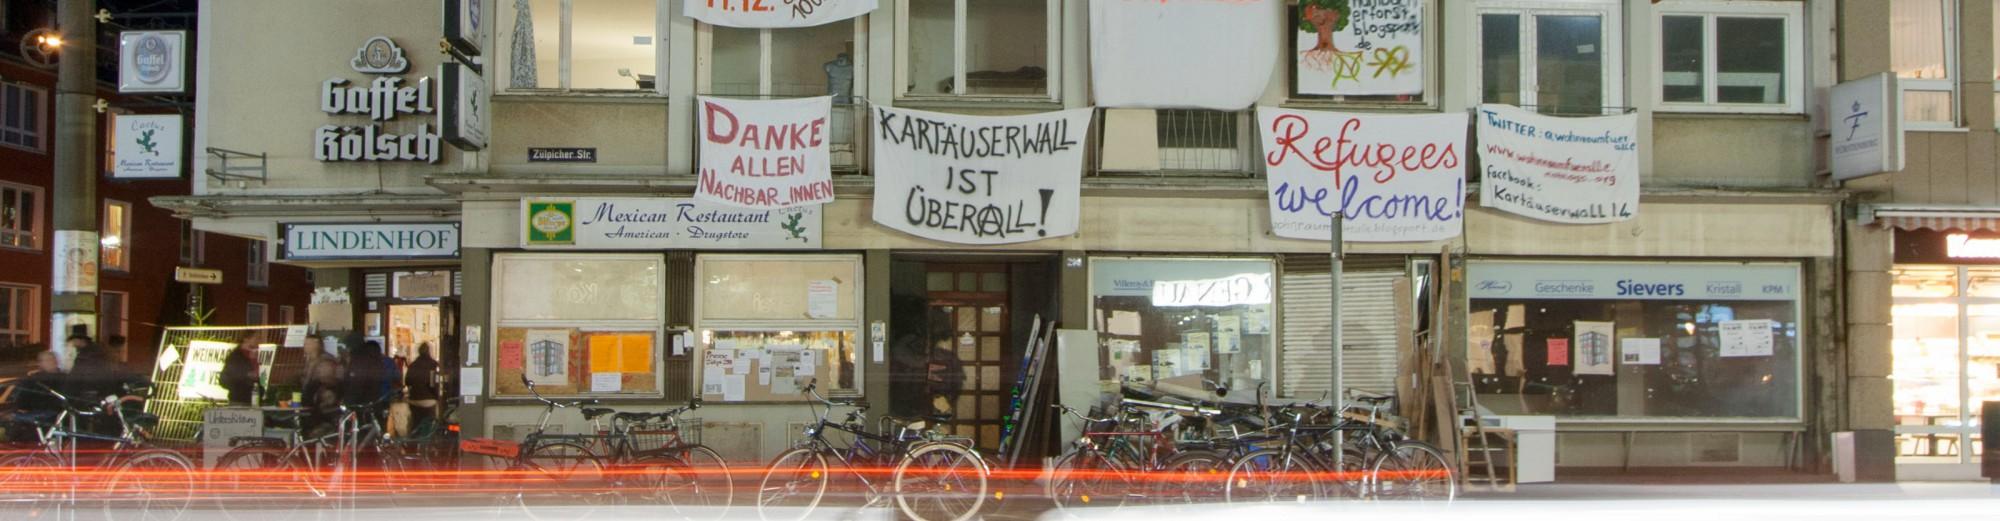 Kartäuserwall ist überall – Hausbesetzung Zülpicher Str 290